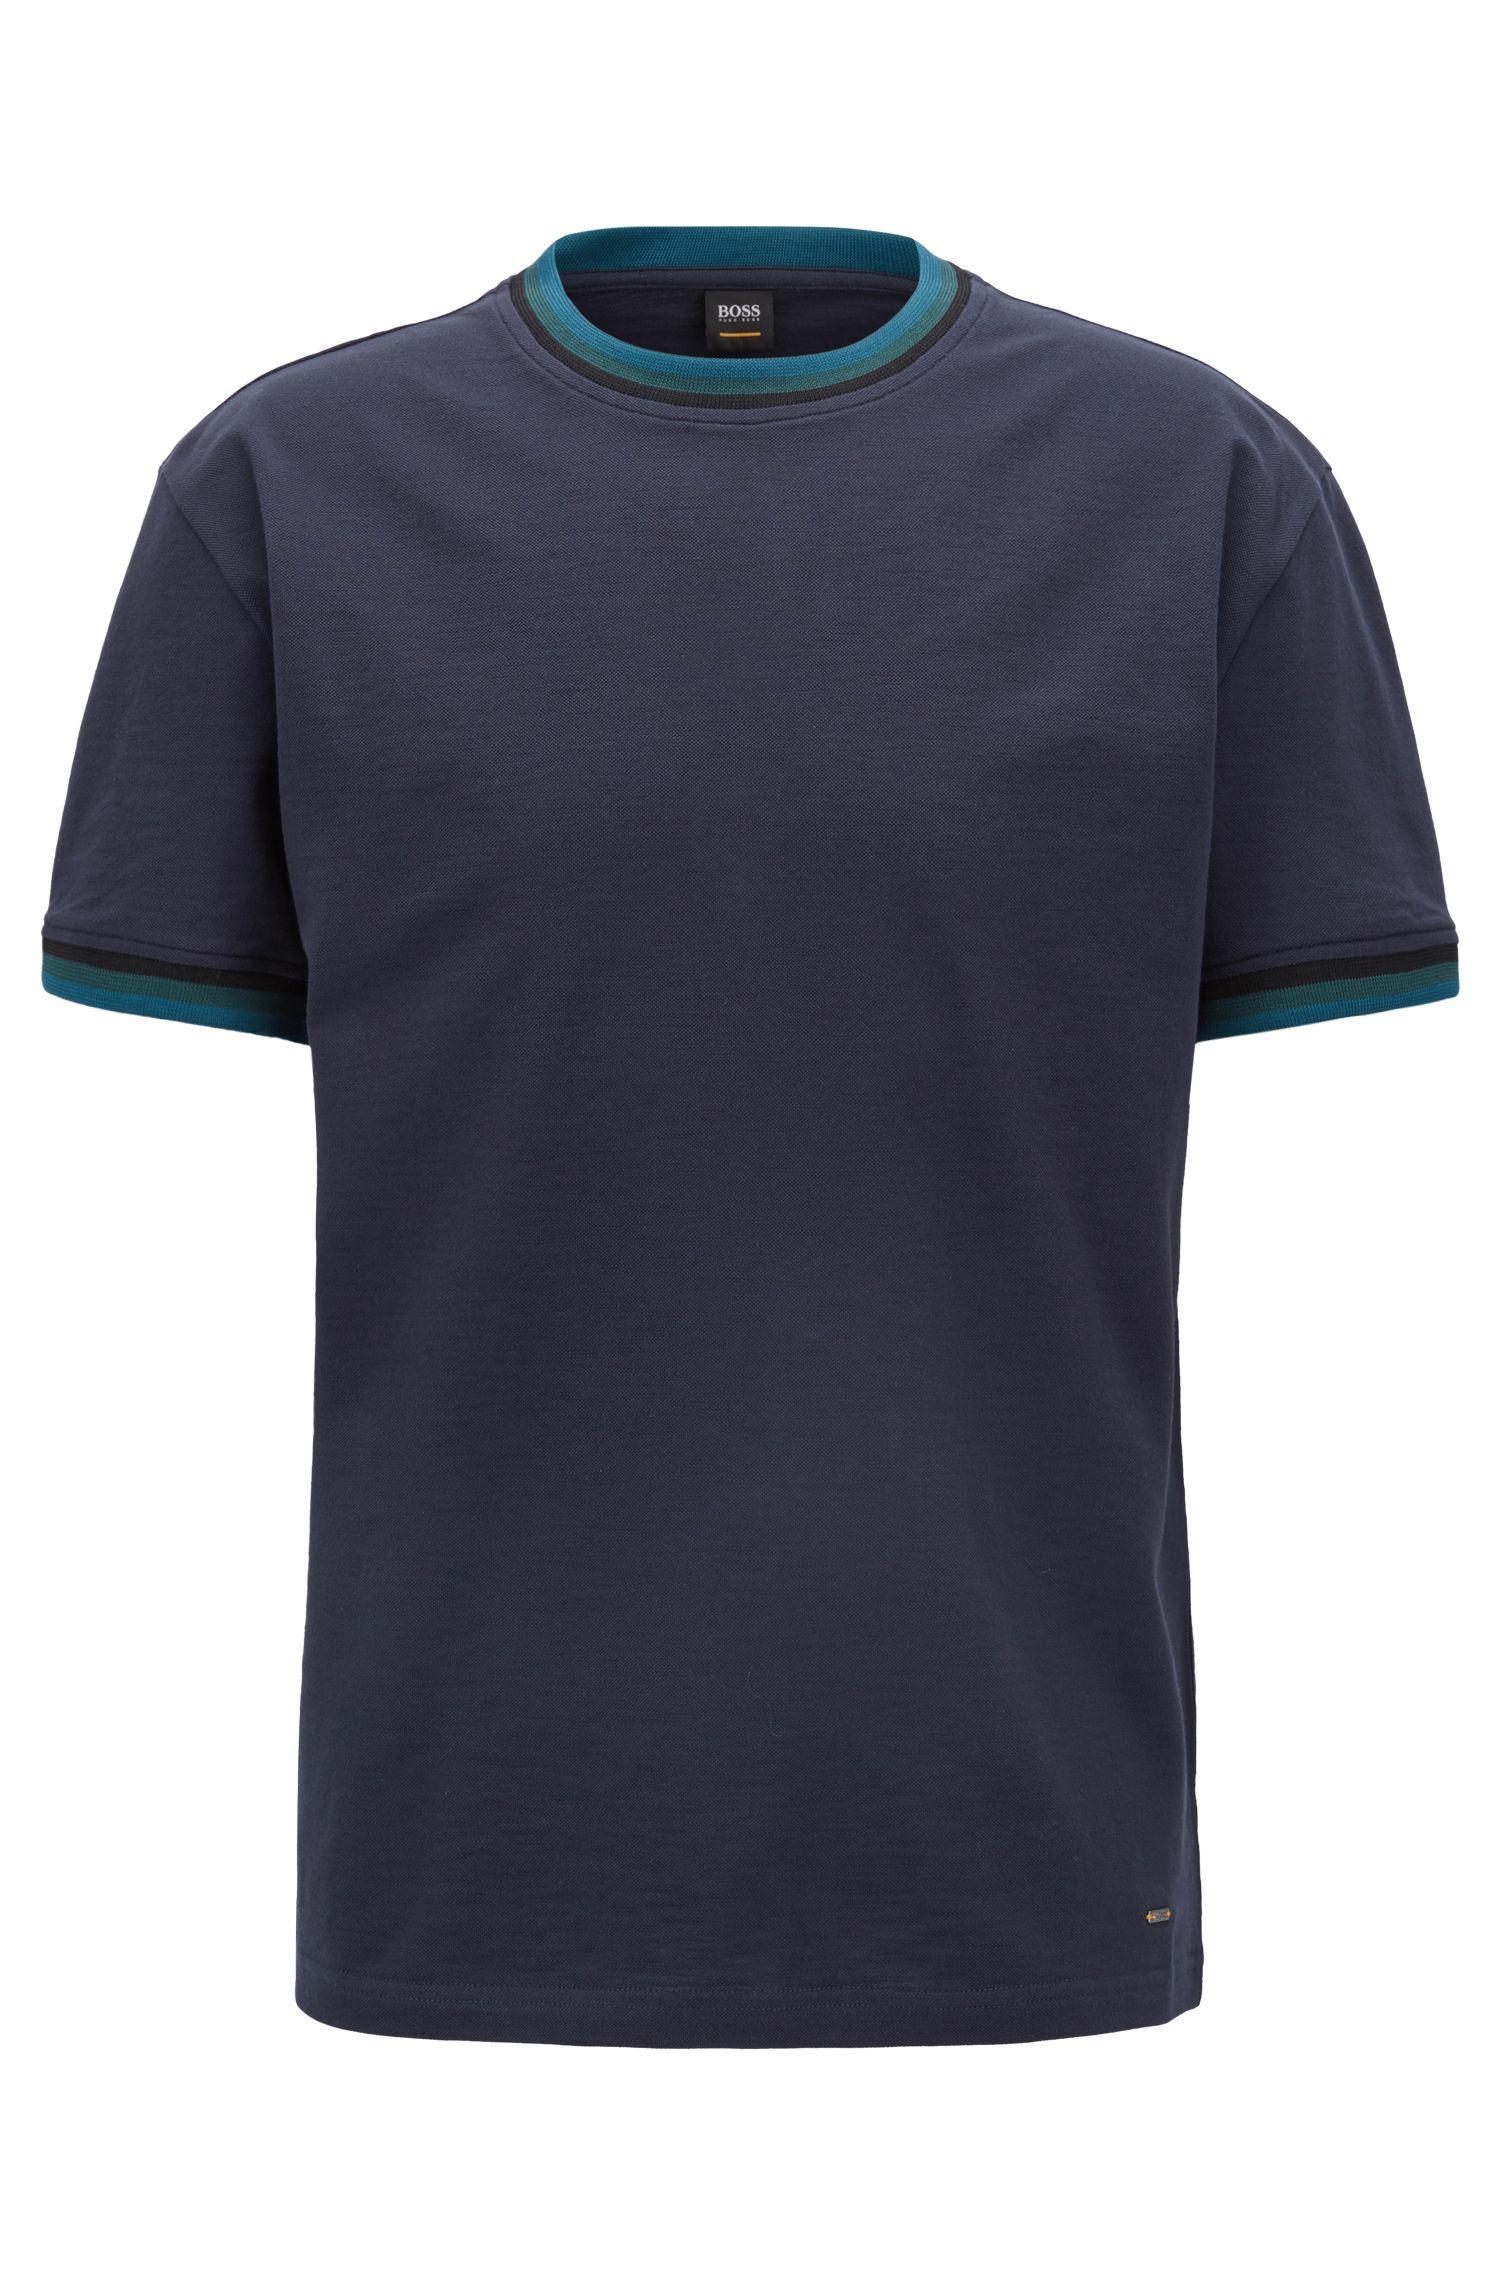 T-shirt en coton mercerisé rehaussé de rubans à rayures, Bleu foncé